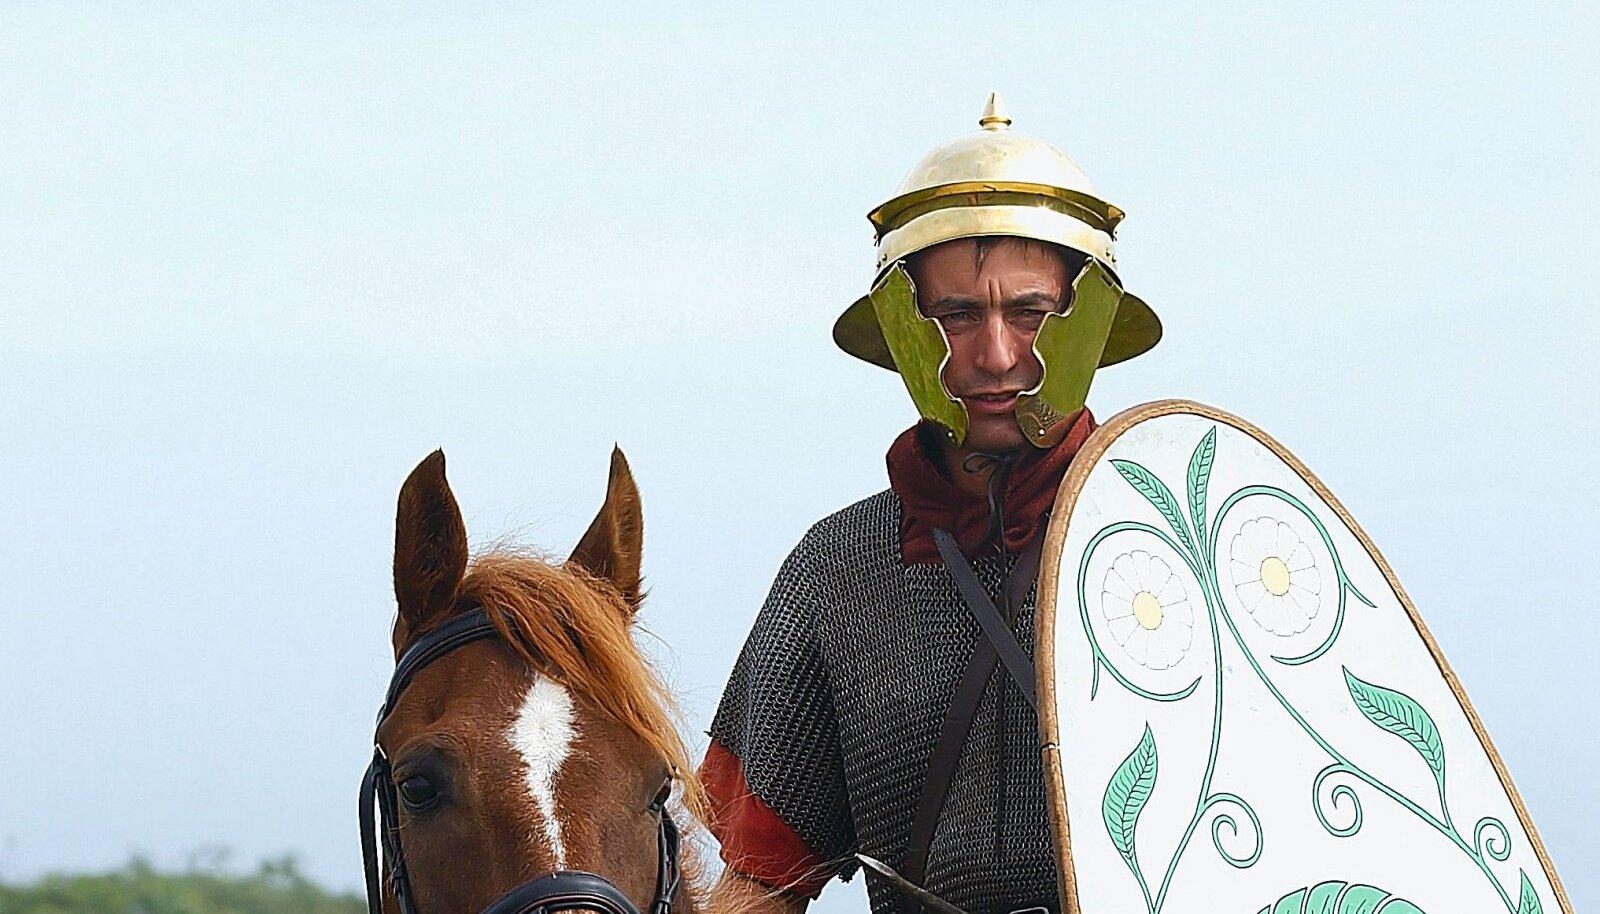 Vana-Rooma ratsaväelaseks kostümeeritud mees tänapäeval.